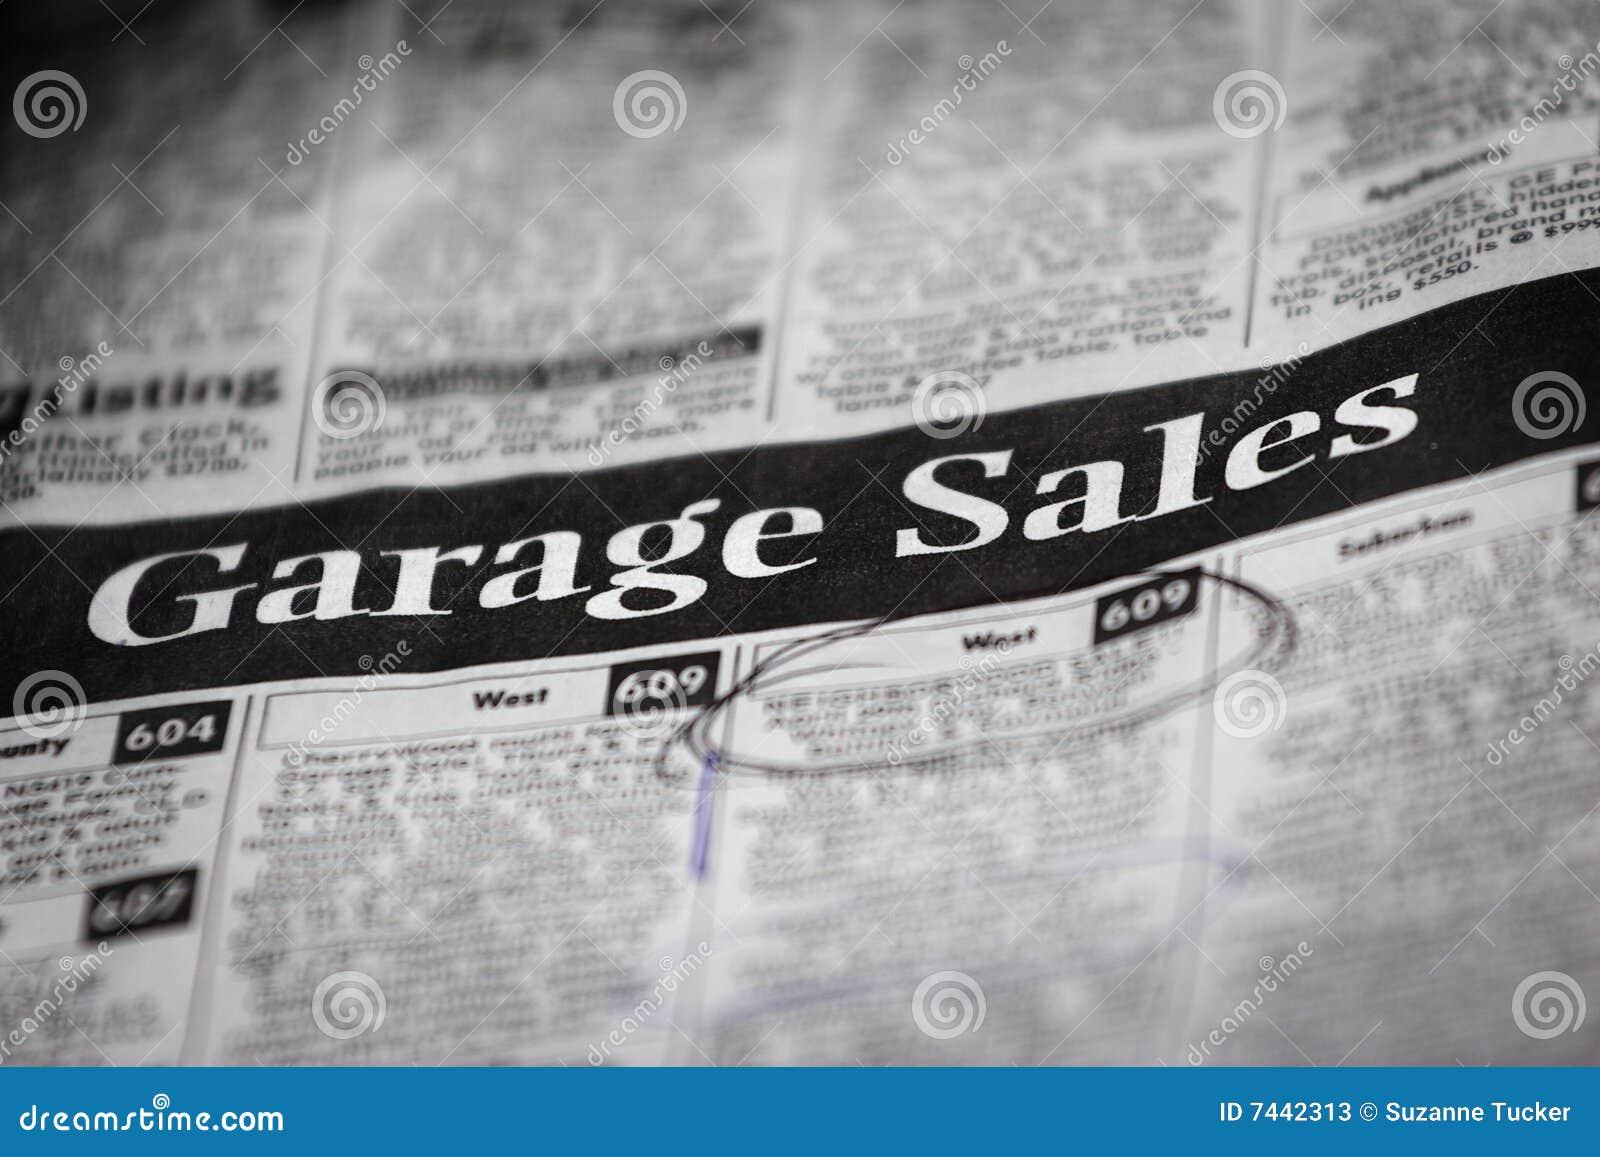 classifieds garage sales escourt